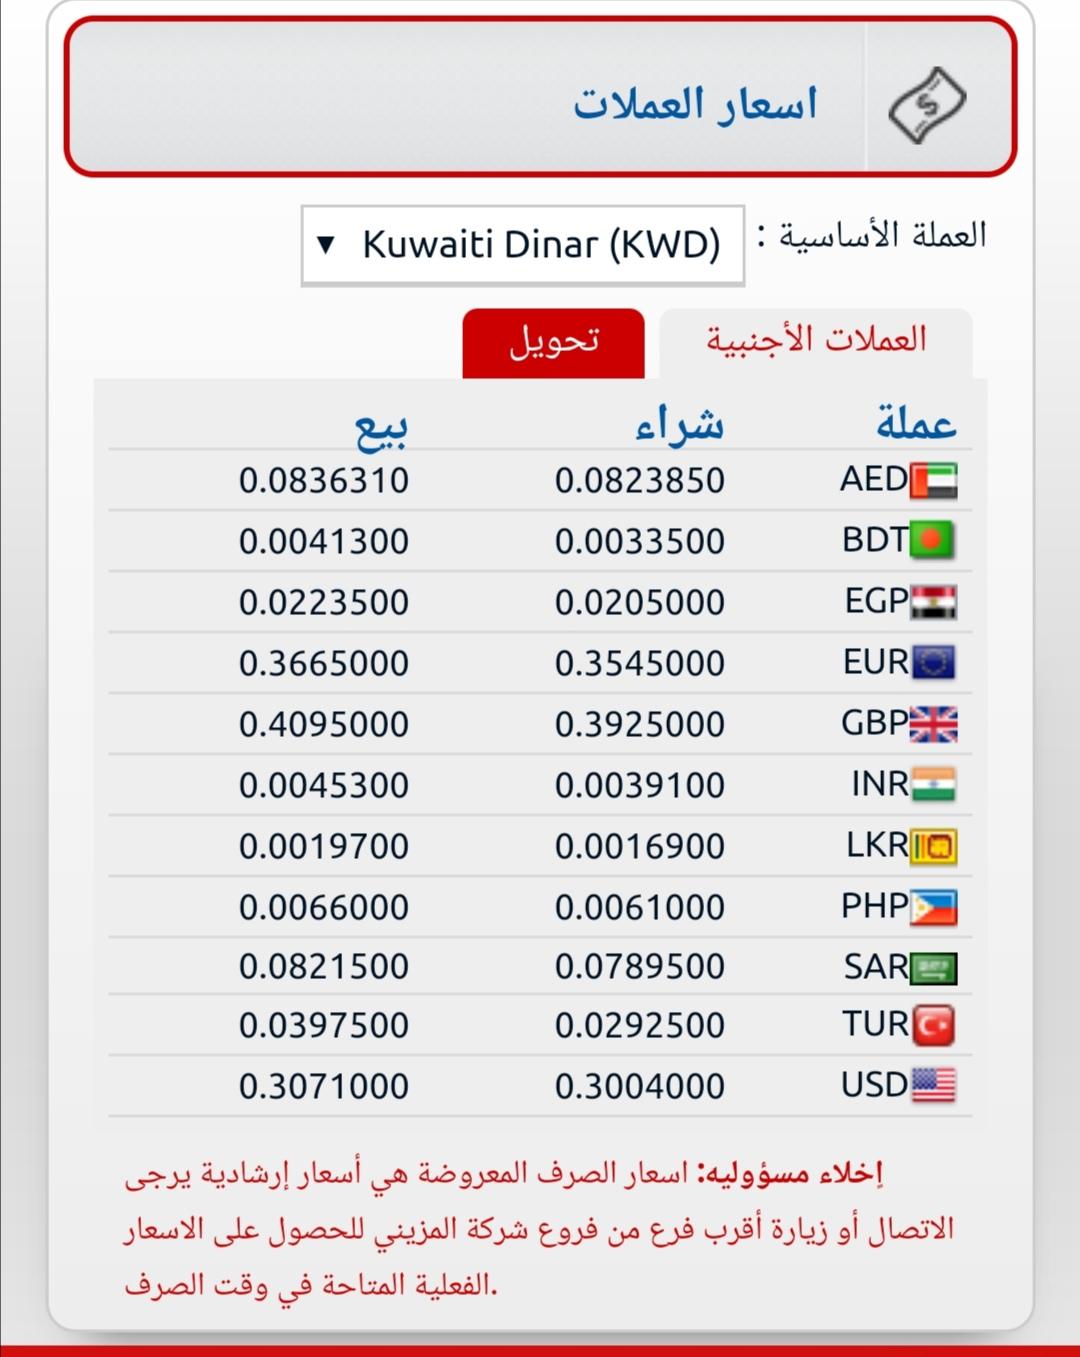 تحويل المزيني اليوم ١٠٠٠ جنيه كم كويتي بكم الدينار الكويتي سعر الف جنيه مصري